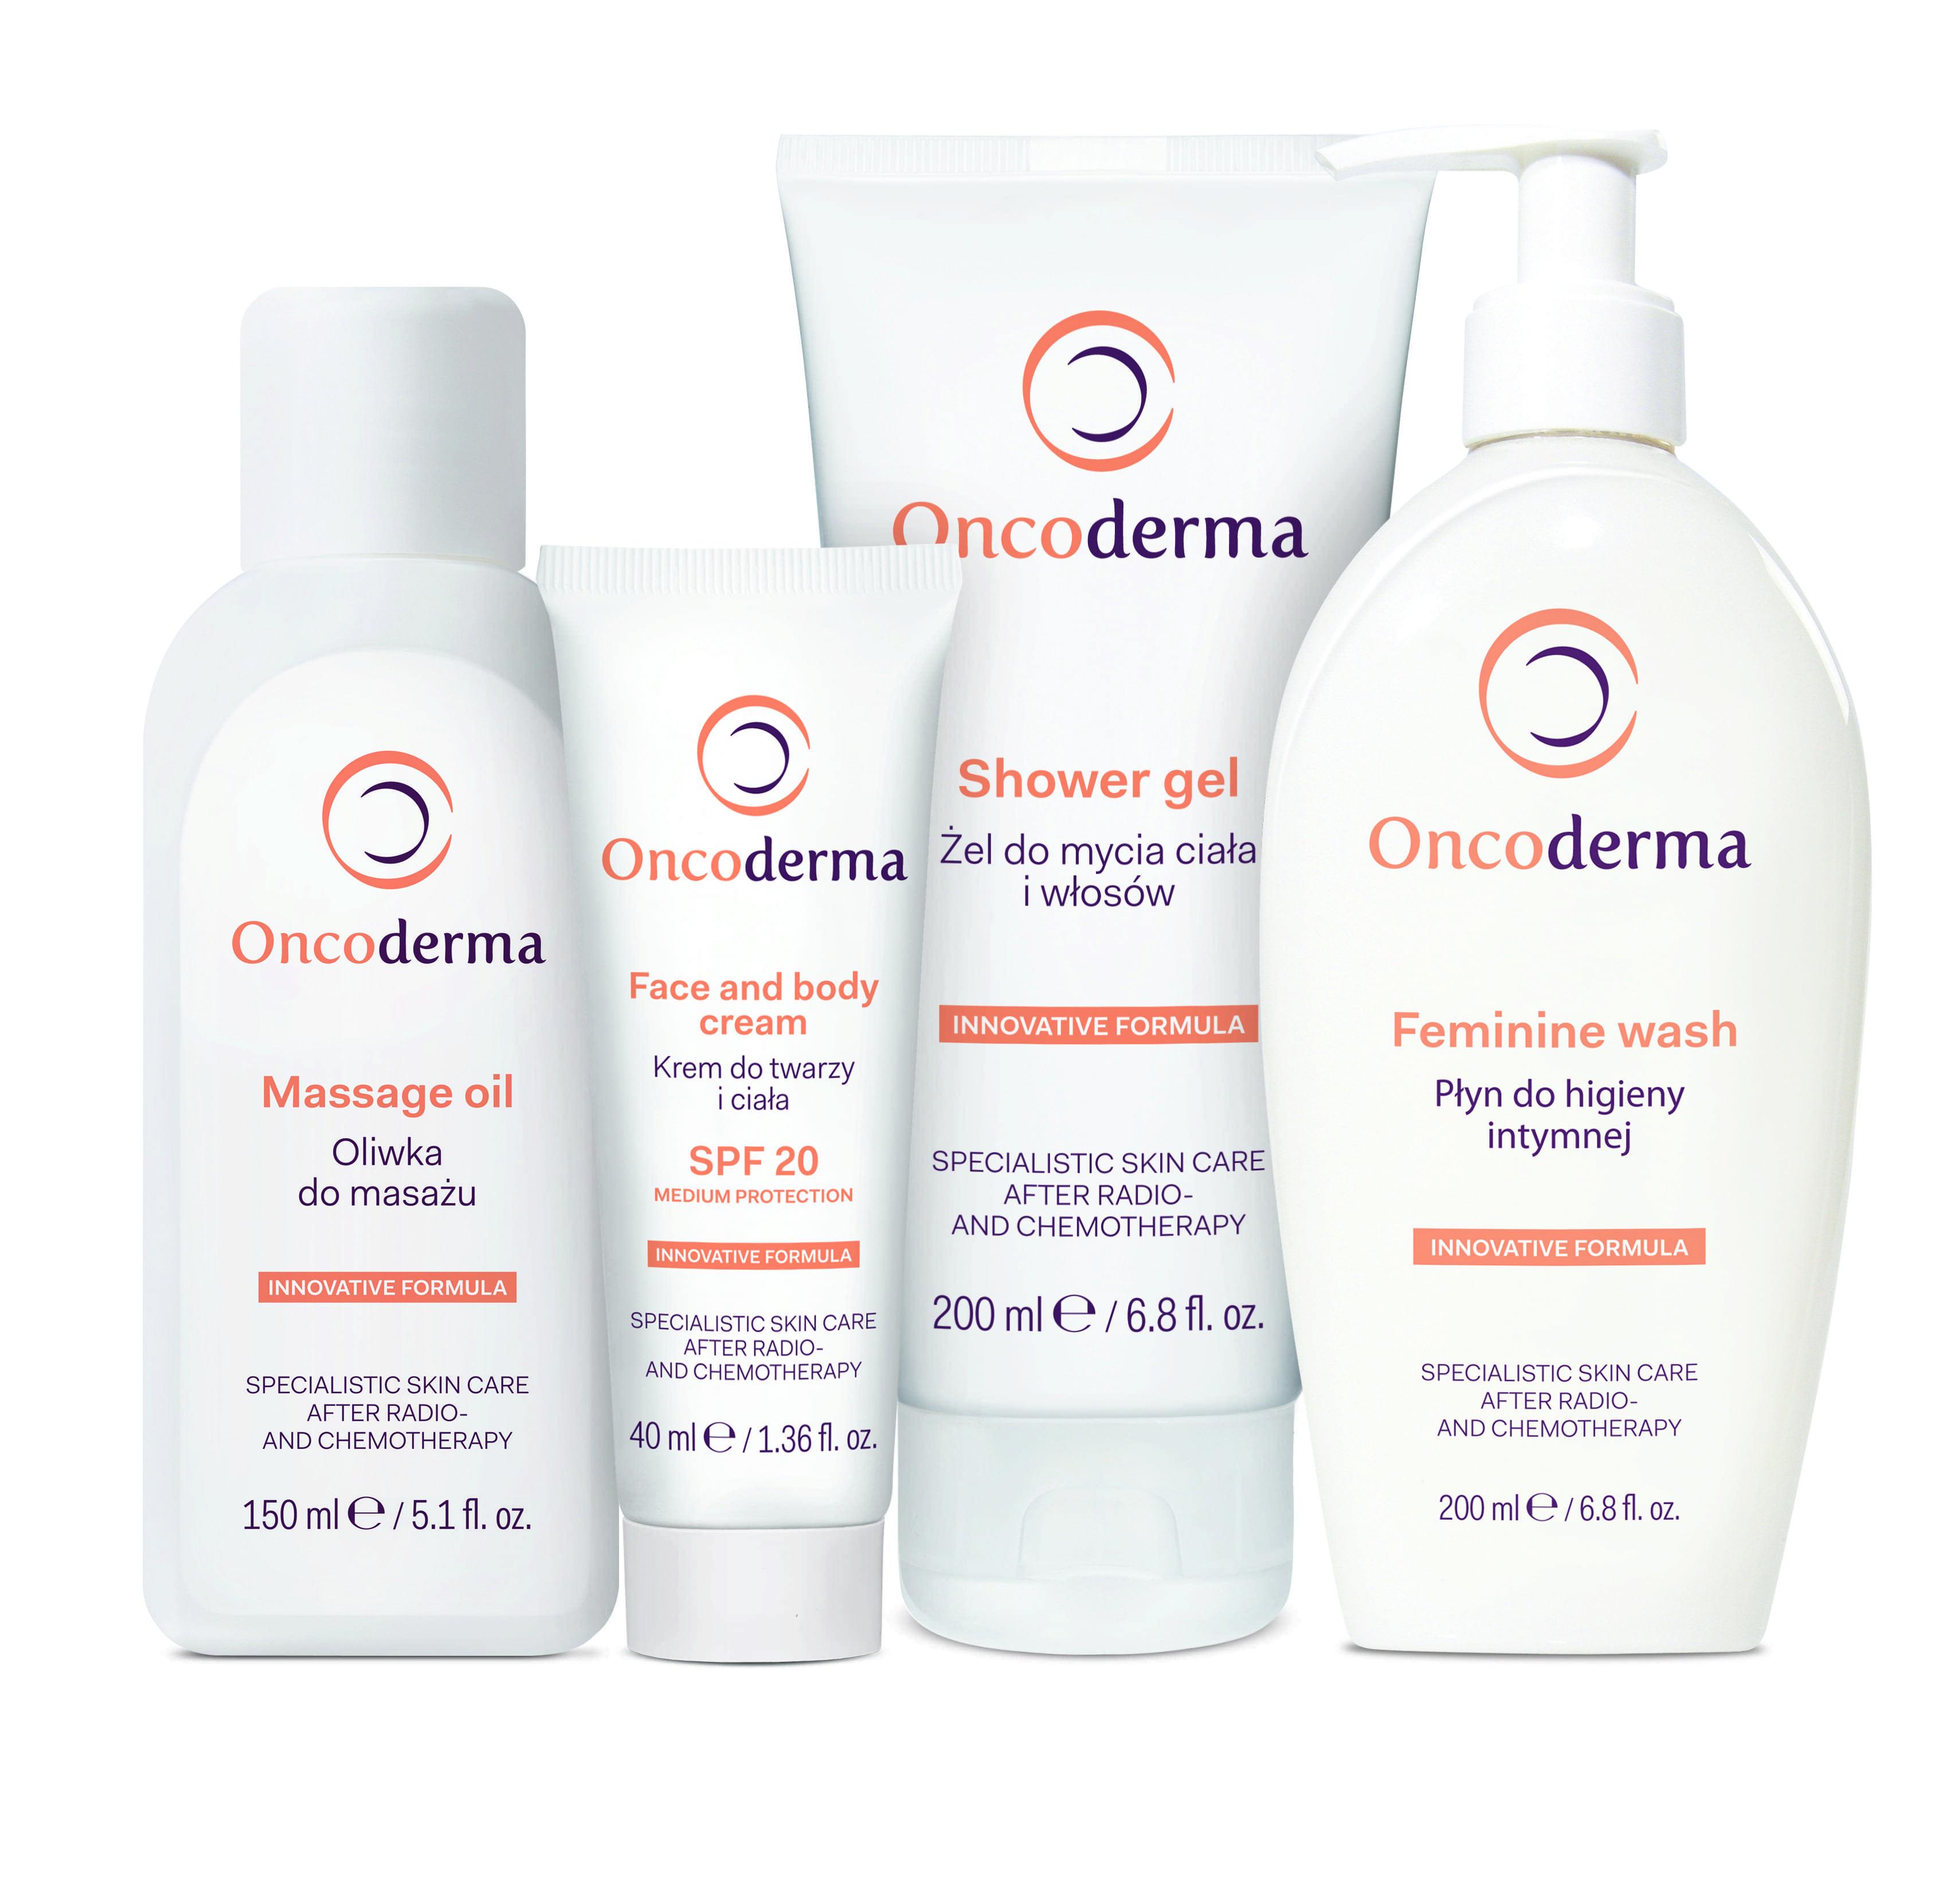 Oncoderma-Grupa